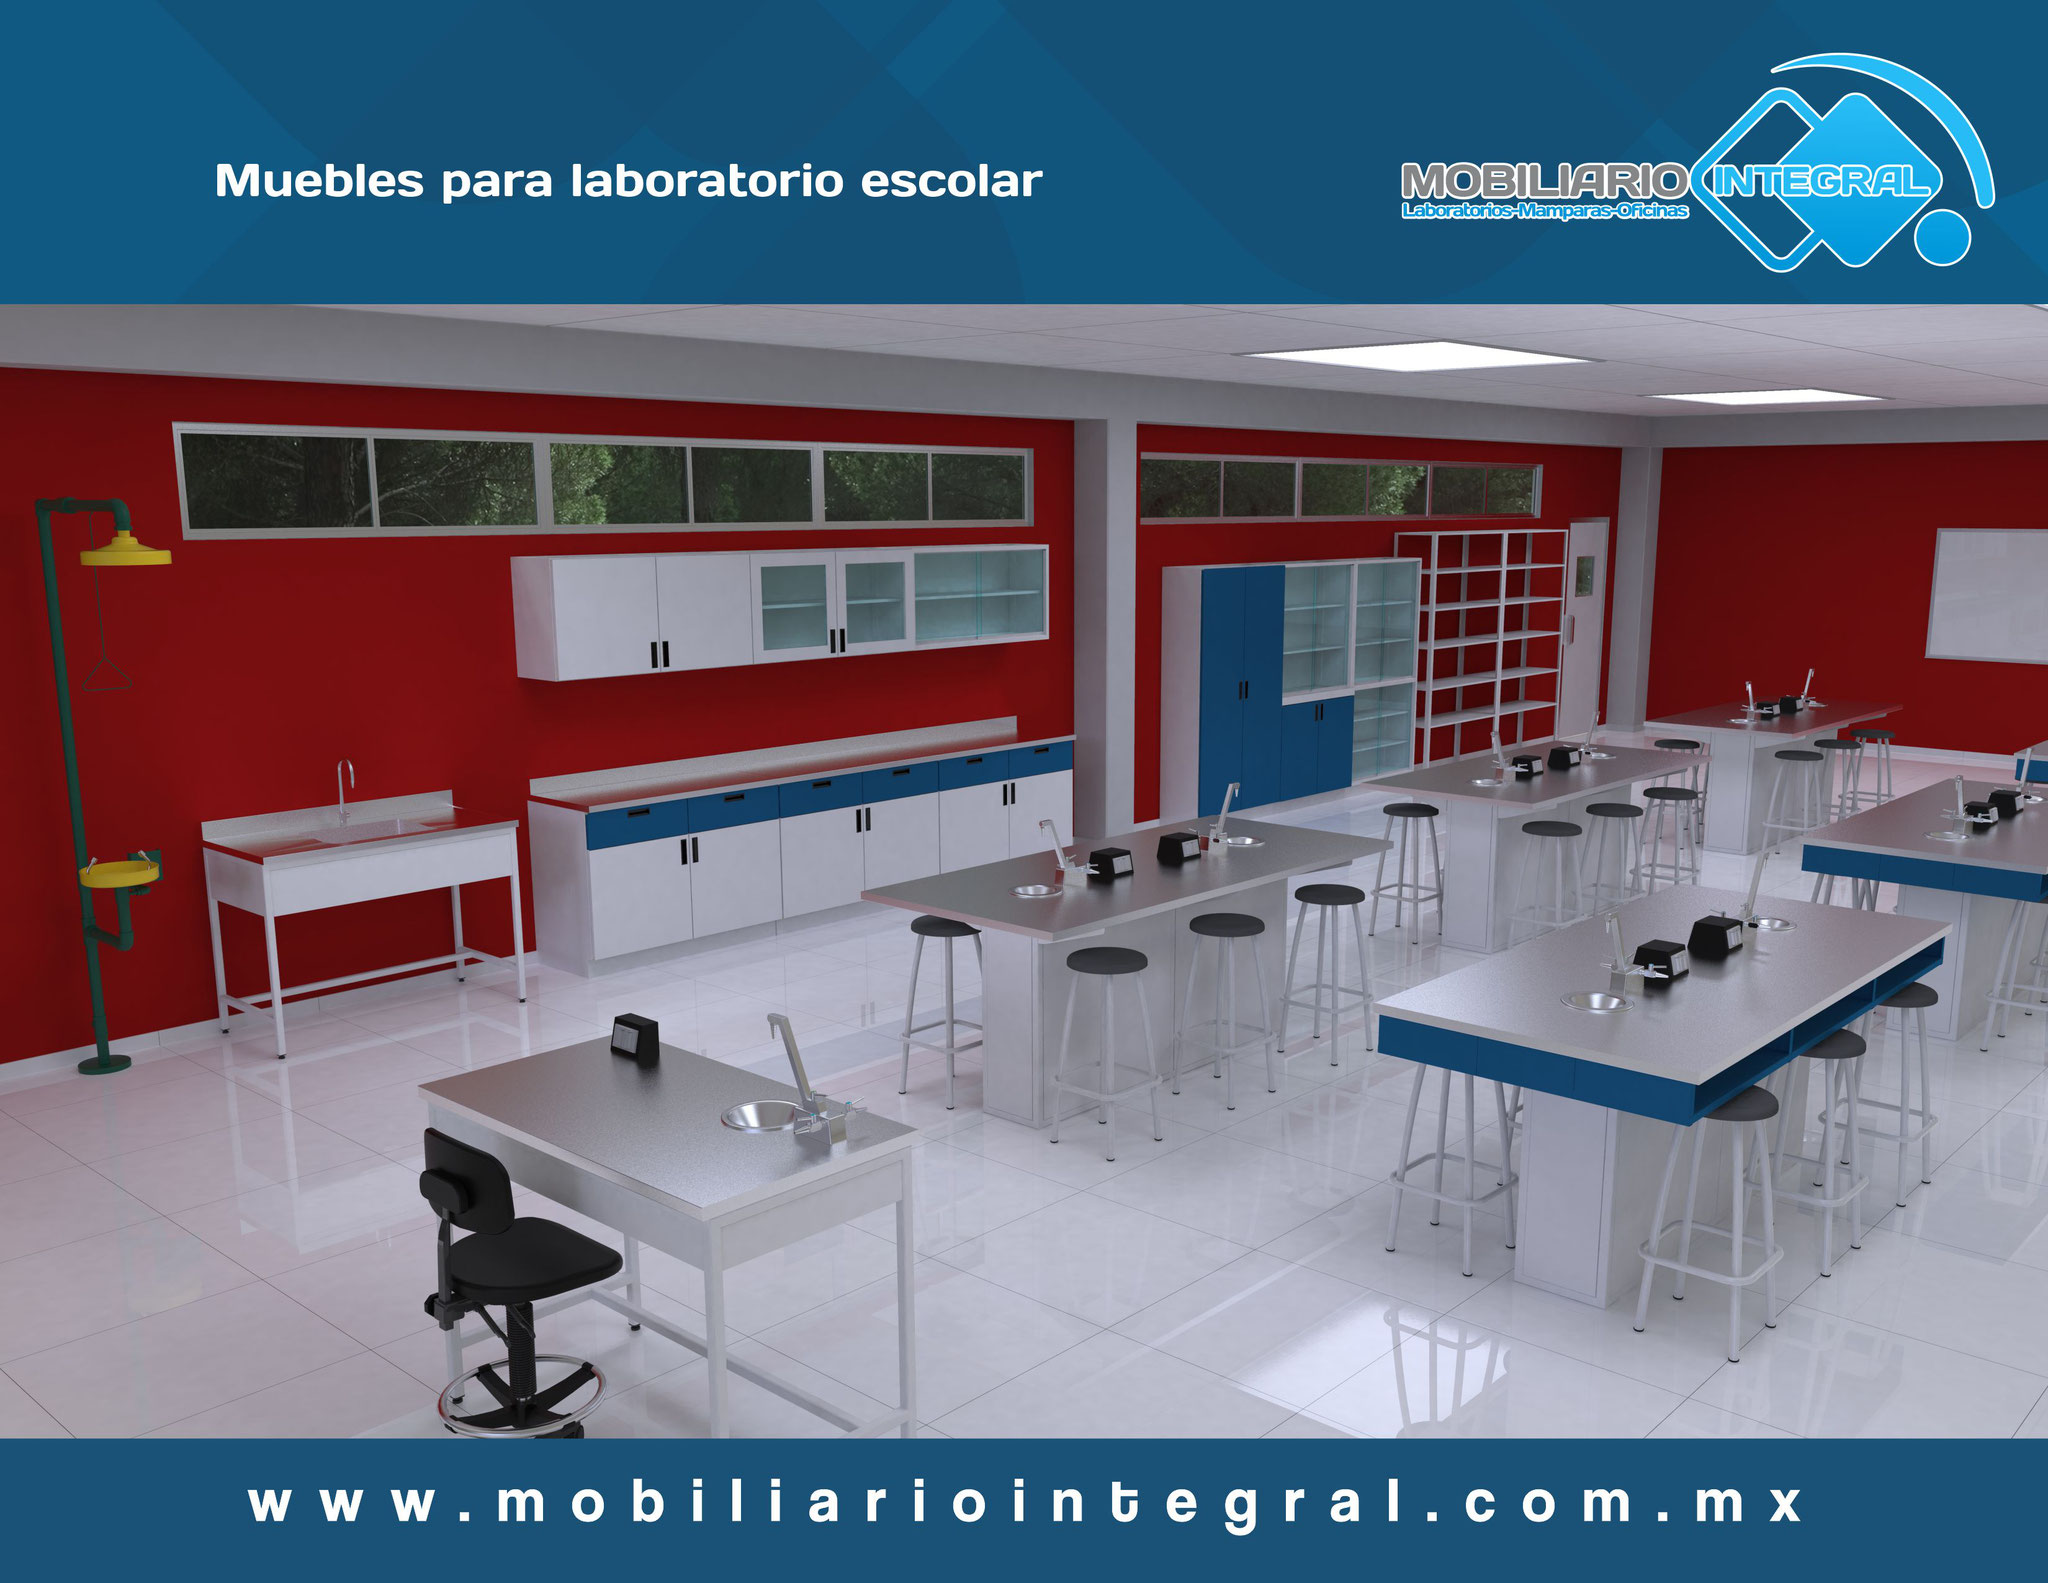 Muebles para laboratorio escolar Tlaxcala